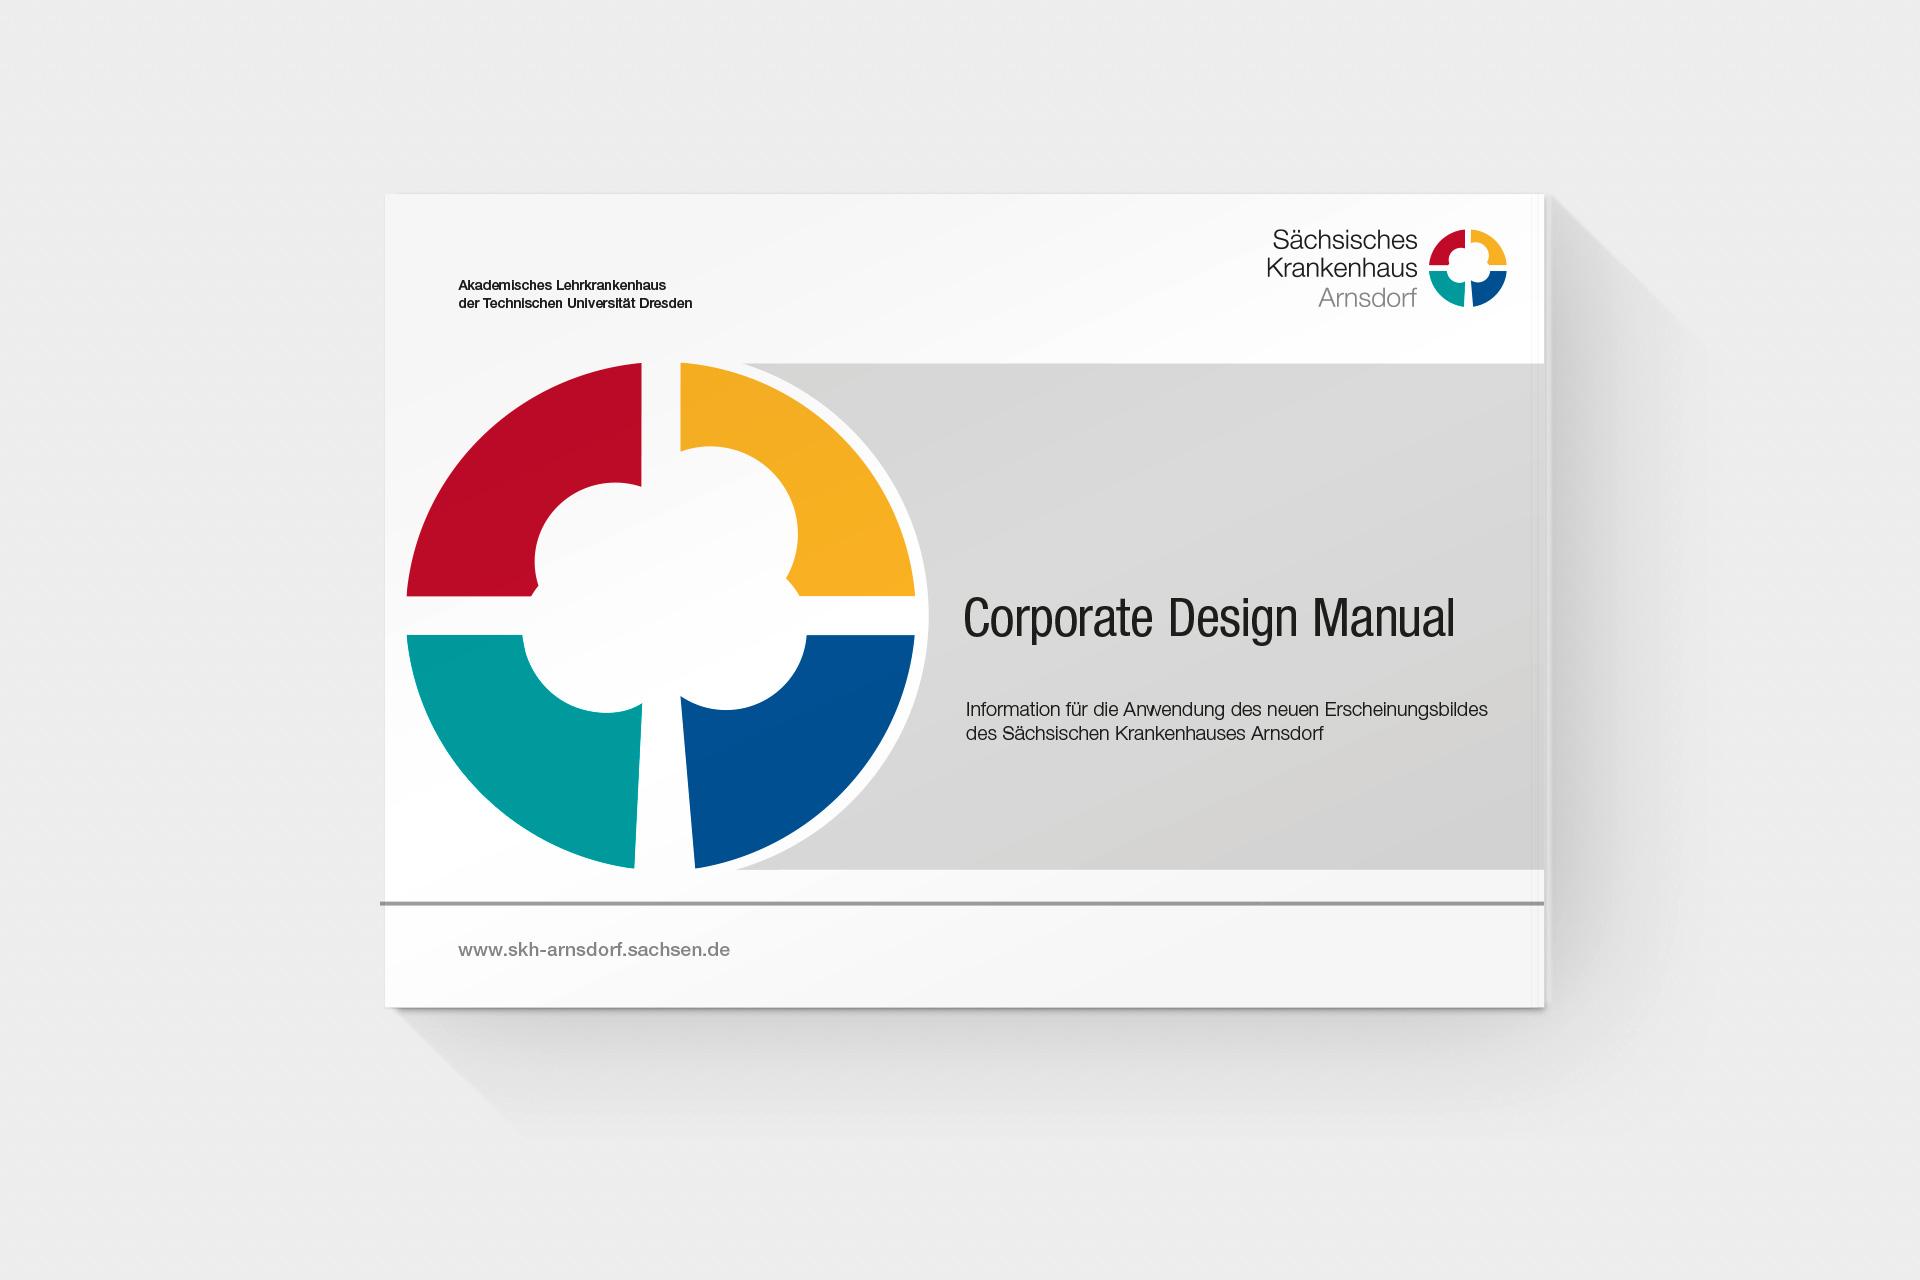 Erstellung eines Corporate Design Manuals